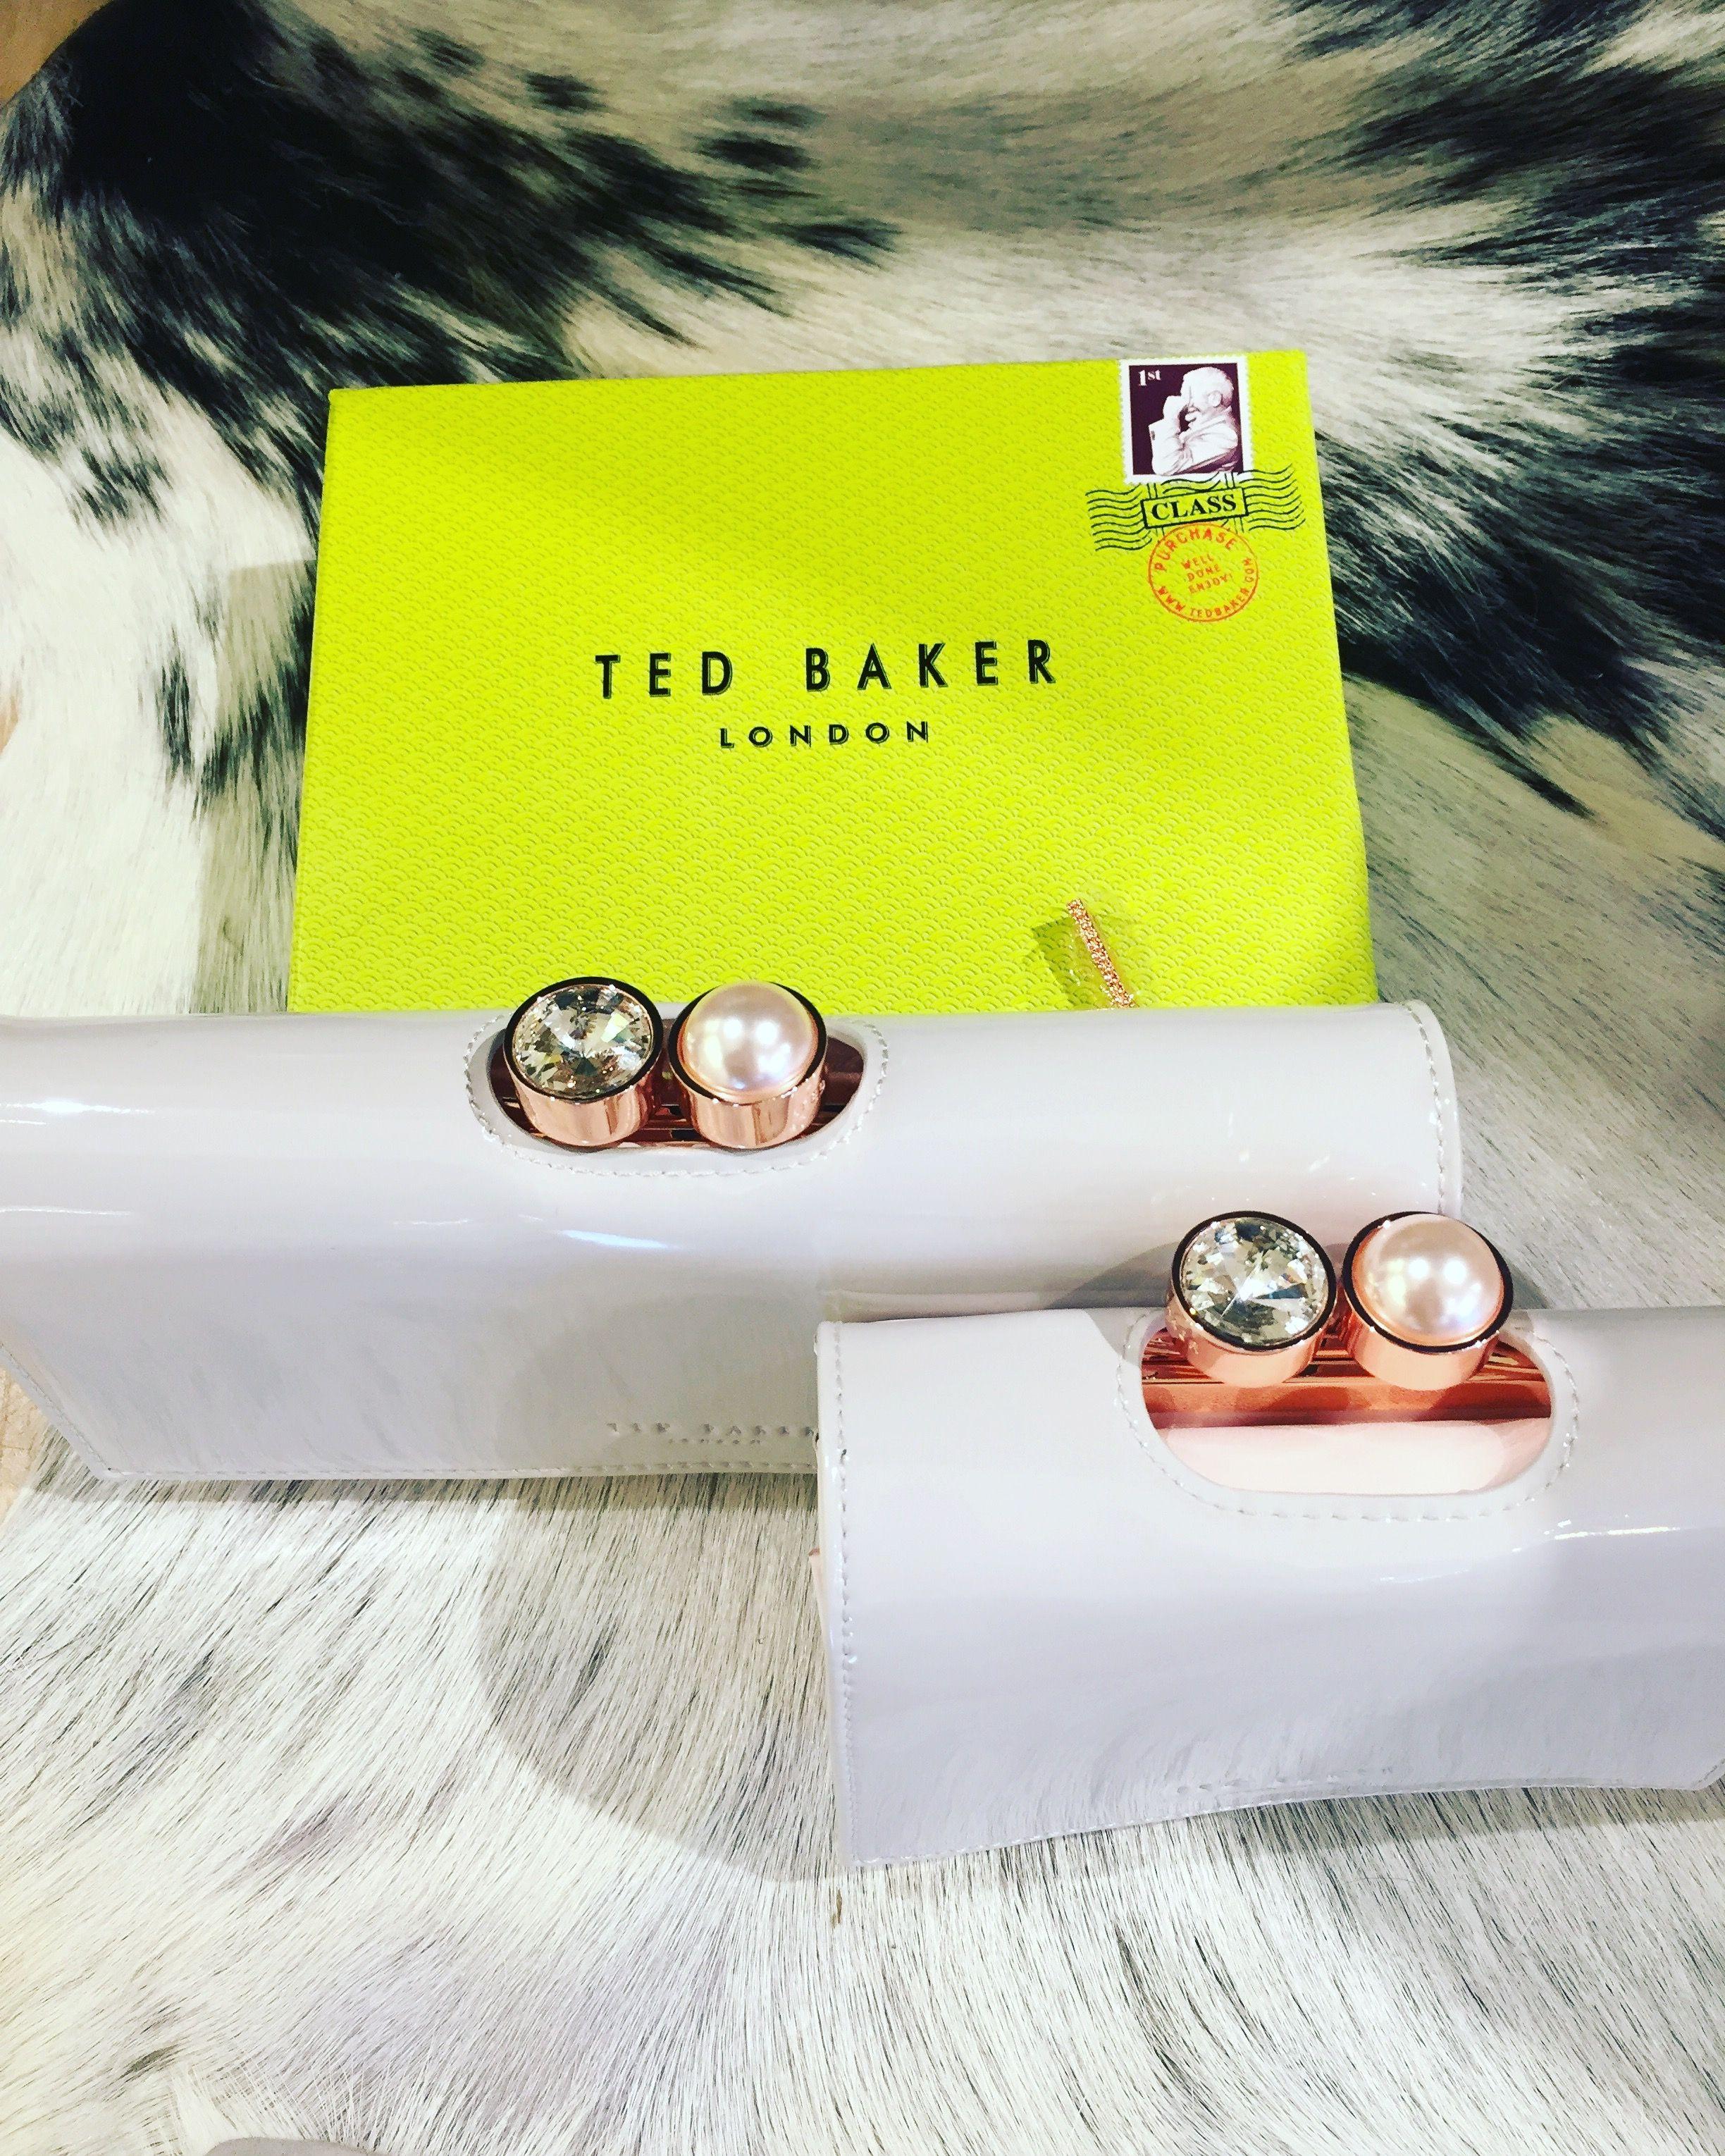 Ted Baker Portemonnee !! Do cute!!!😀